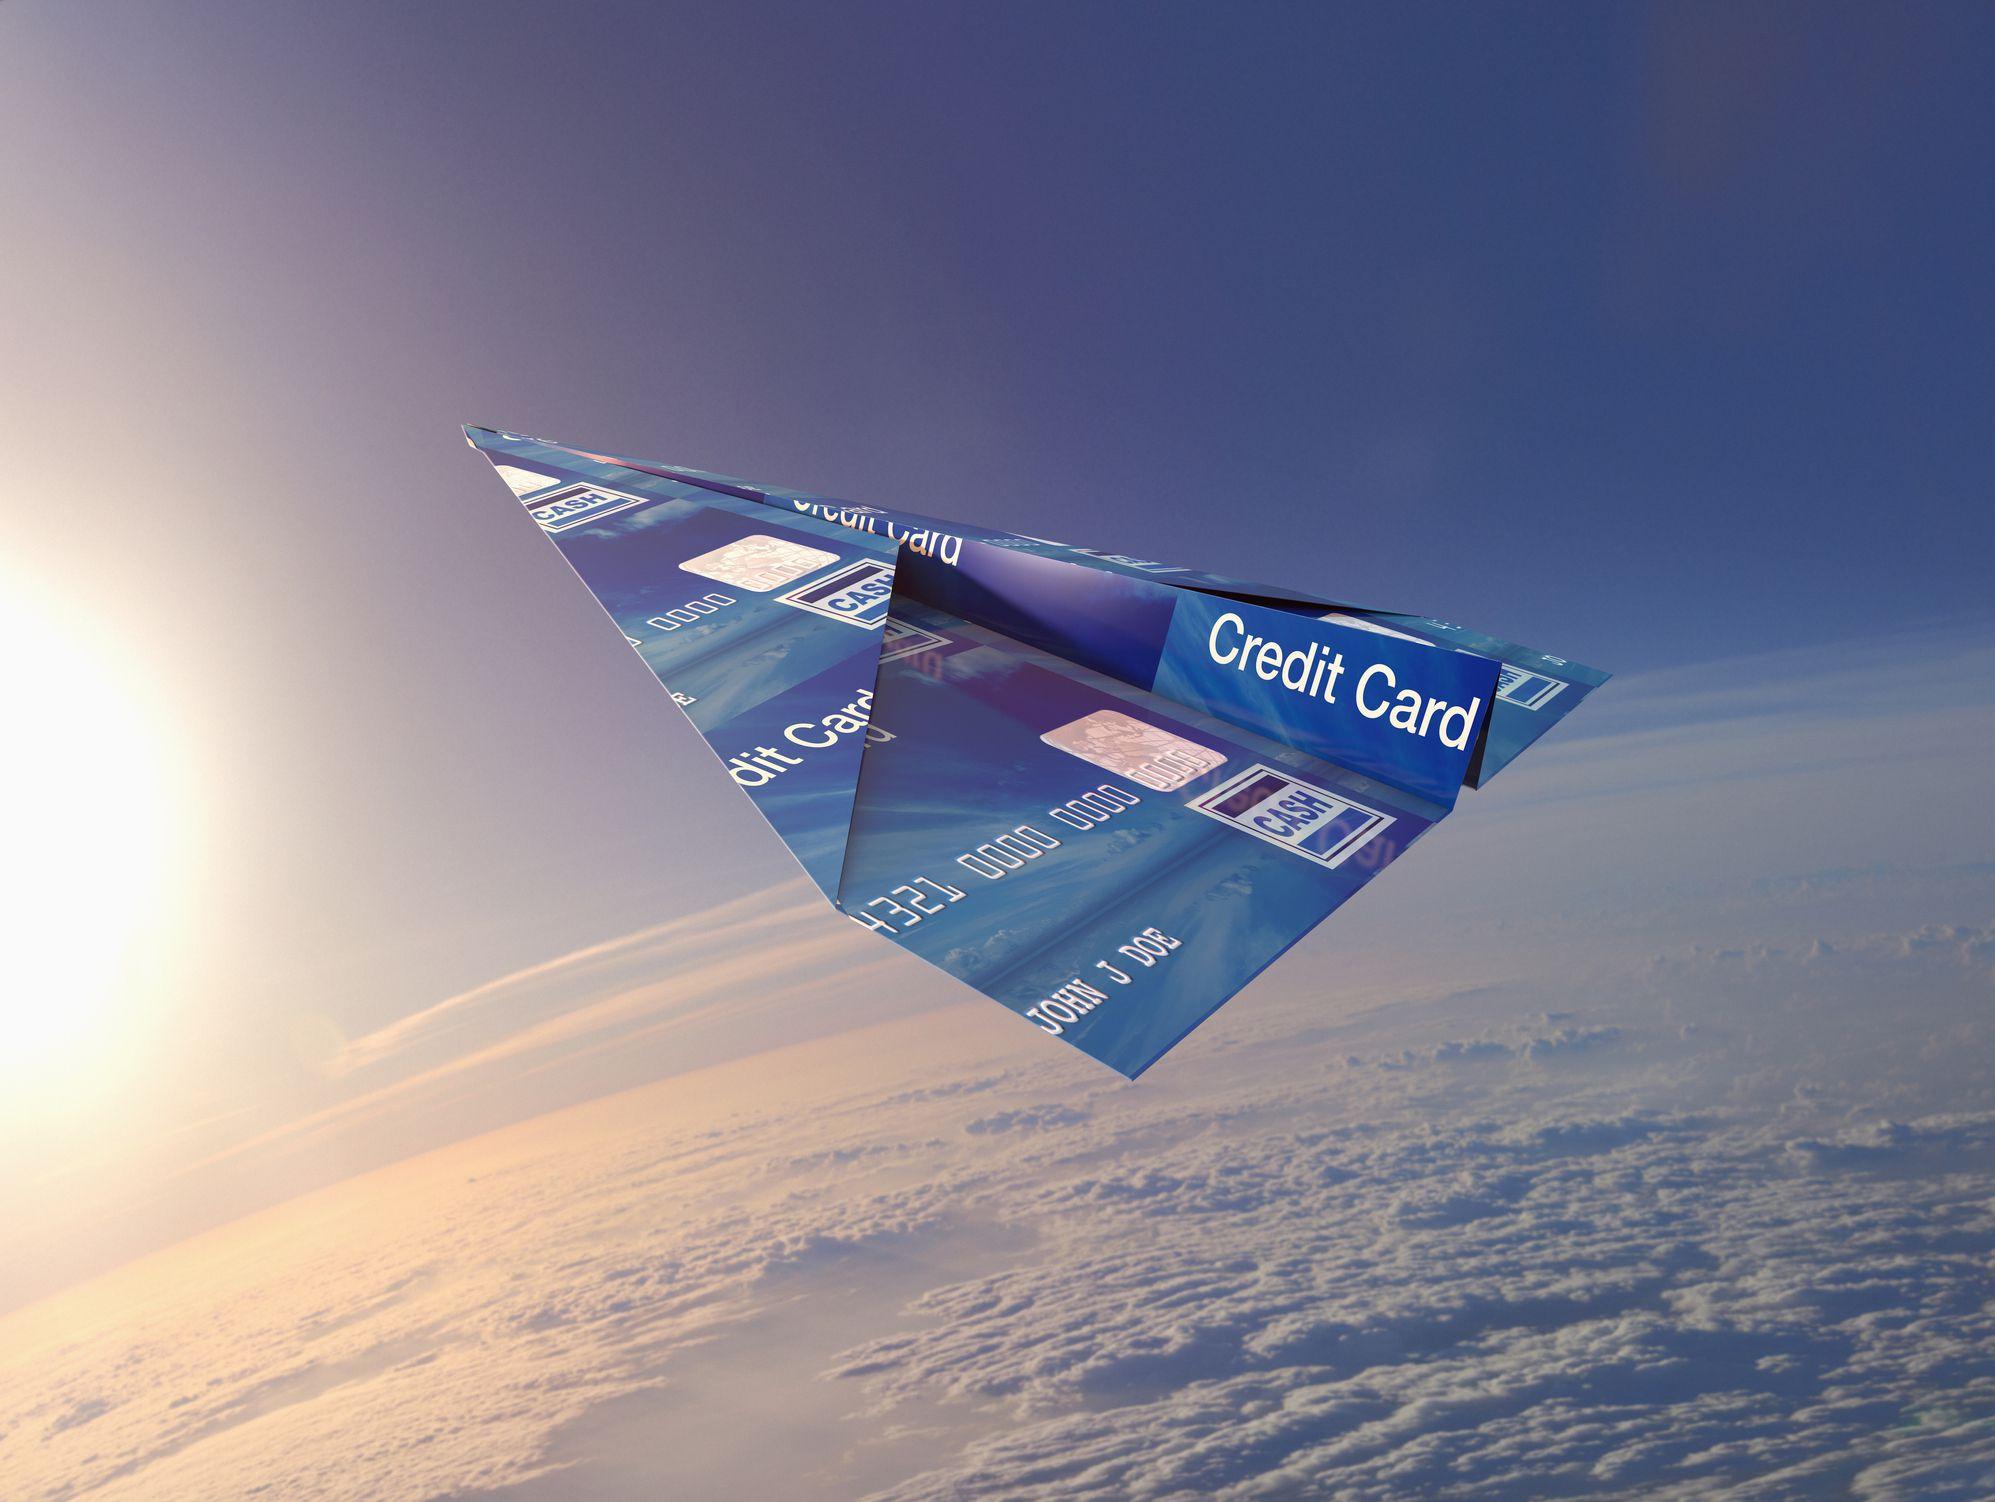 Bật mí kinh nghiệm du lịch bằng thẻ tín dụng quốc tế